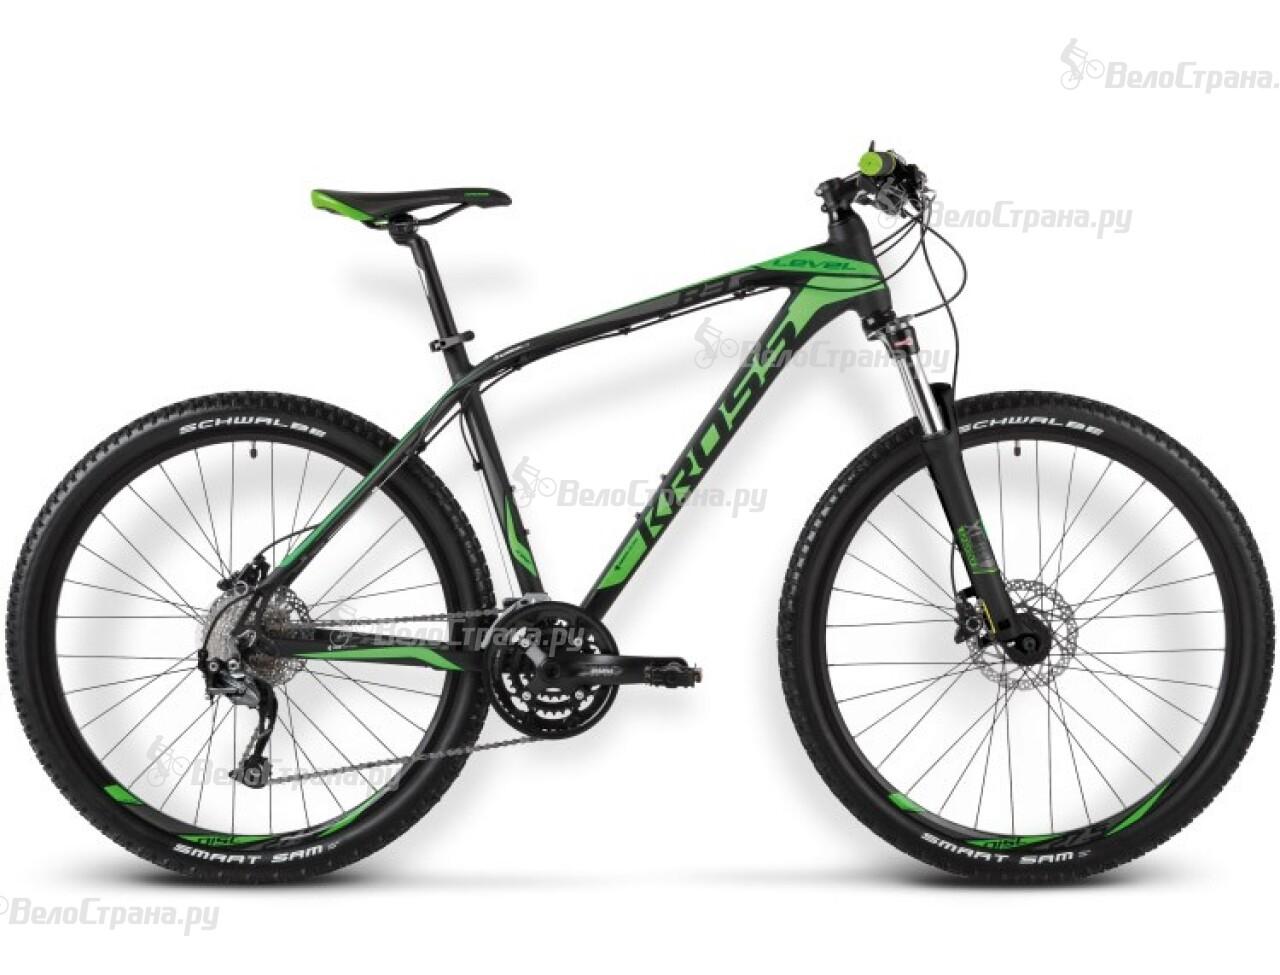 Велосипед Kross Level R3 (2015) велосипед kross level mini 2015